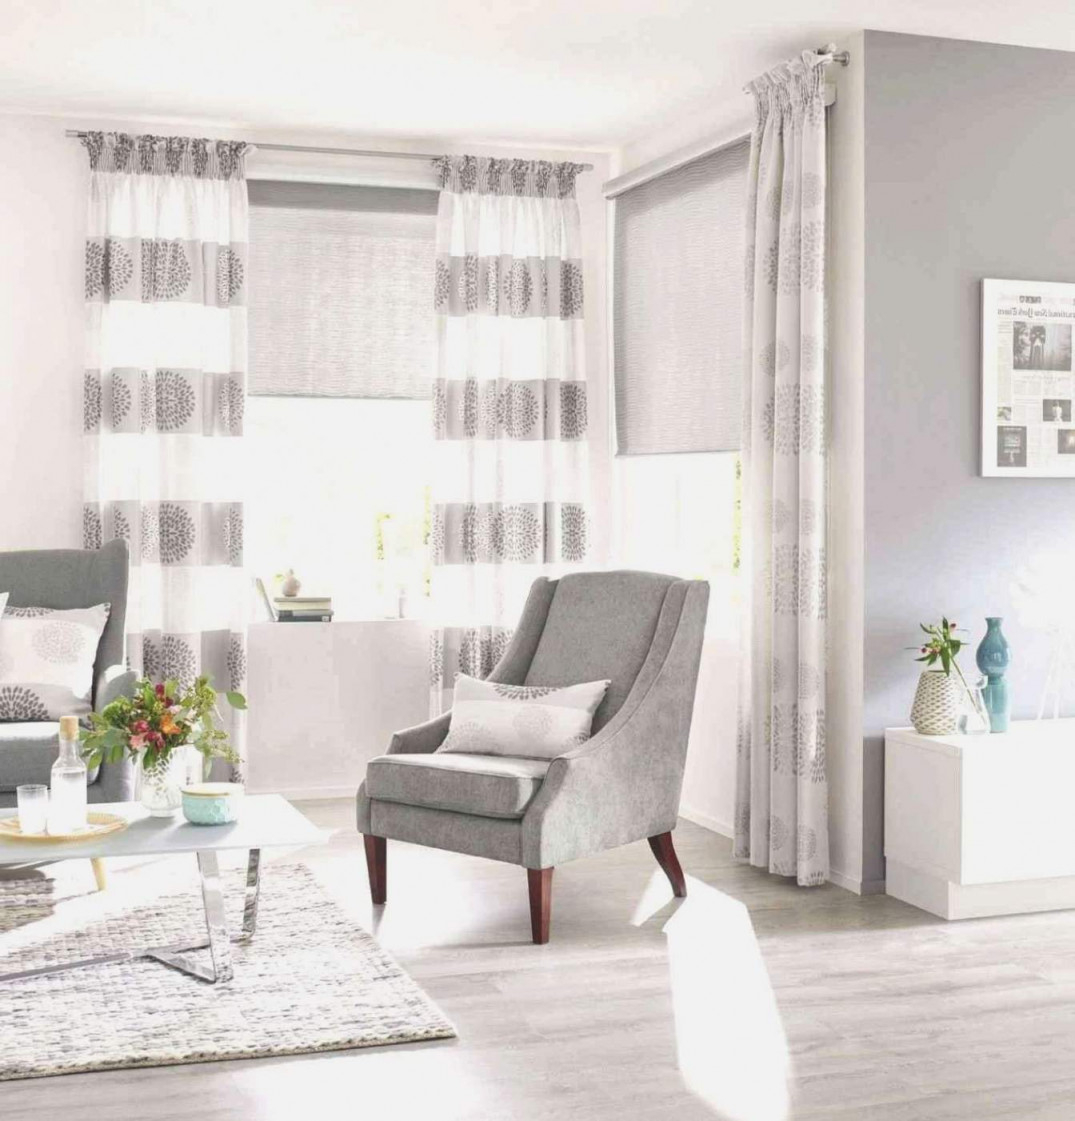 40 Schön Vorhang Ideen Wohnzimmer Einzigartig  Wohnzimmer von Schöne Gardinen Wohnzimmer Bild